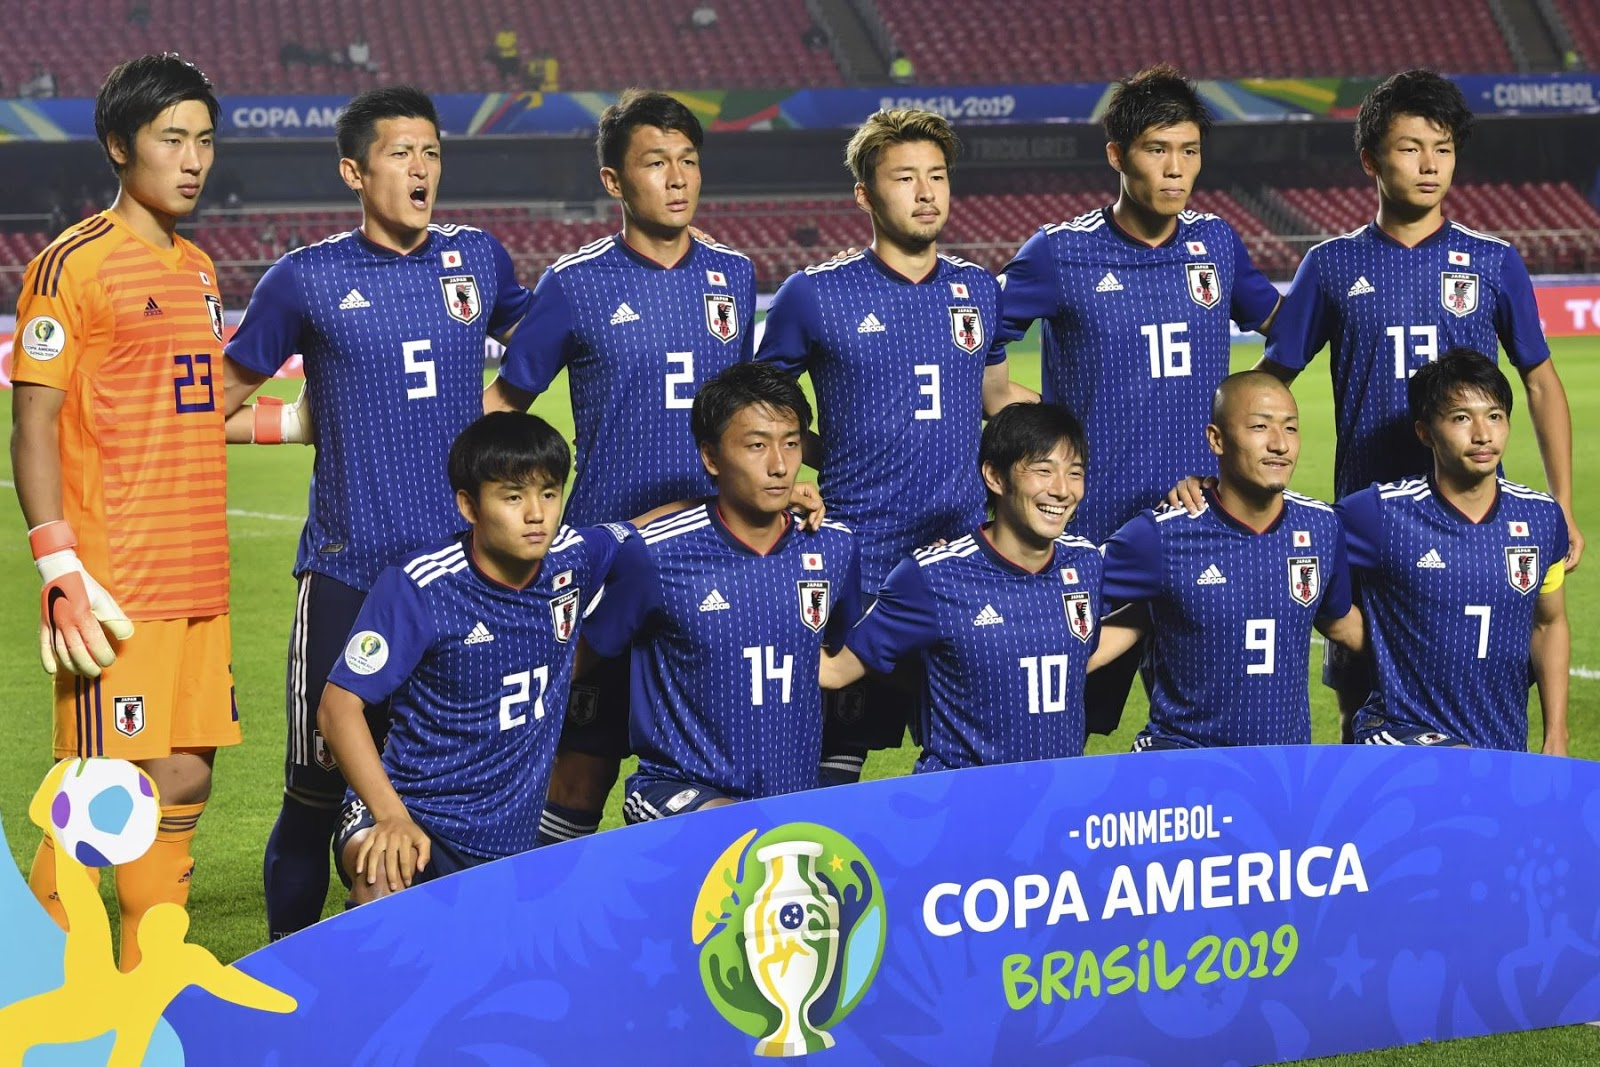 Formación de Japón ante Chile, Copa América 2019, 17 de junio